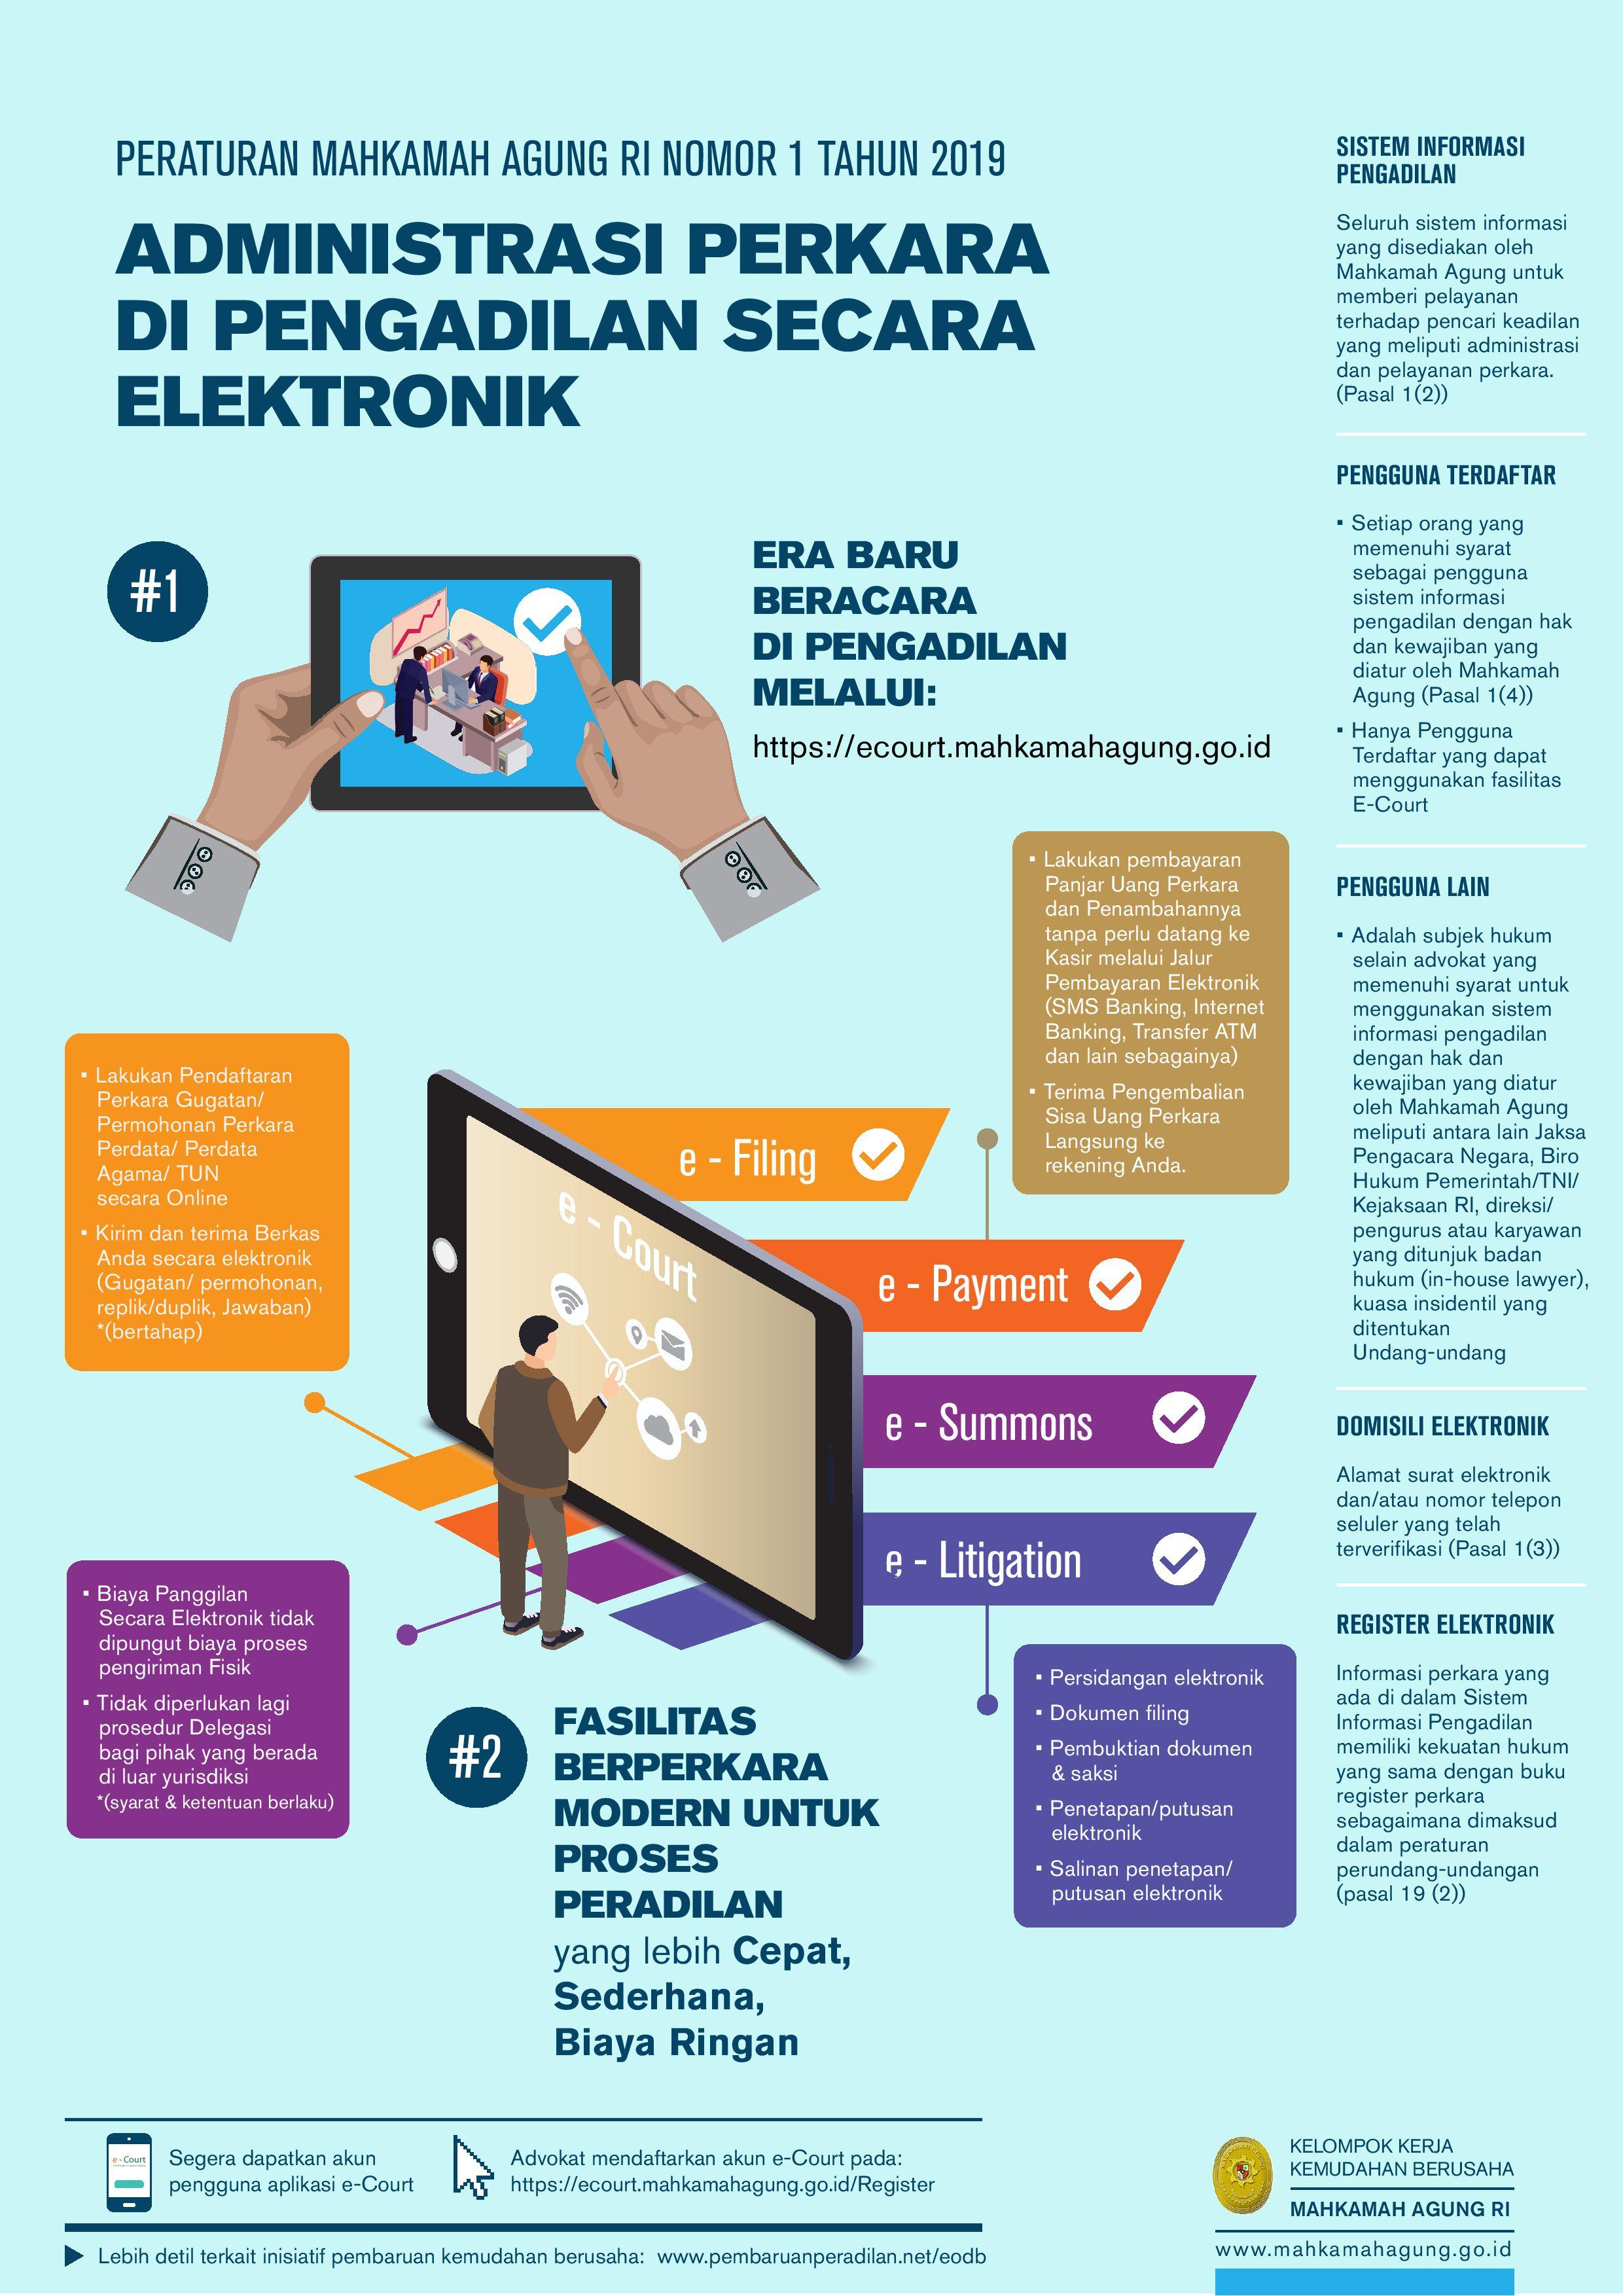 Infographic-Pembaruan_Peradilan-MA-Compiled_2020_04